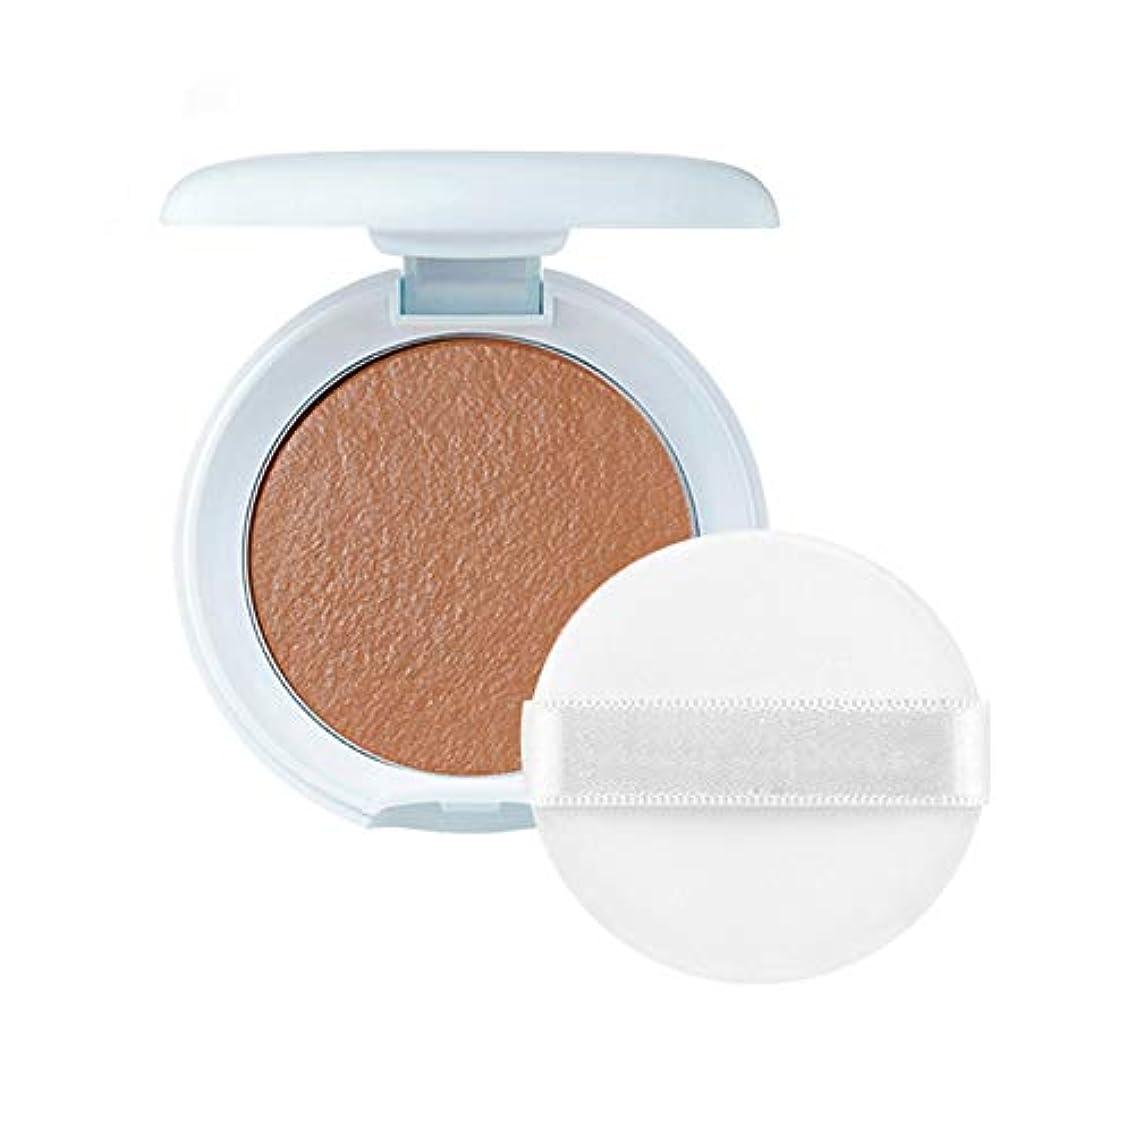 Cutelove パウダーファンデーション プレスパウダー キラキラ 柔らか 肌の色を明るくする 光沢のある 化粧ファンデーション プレスパウダーファンデーション